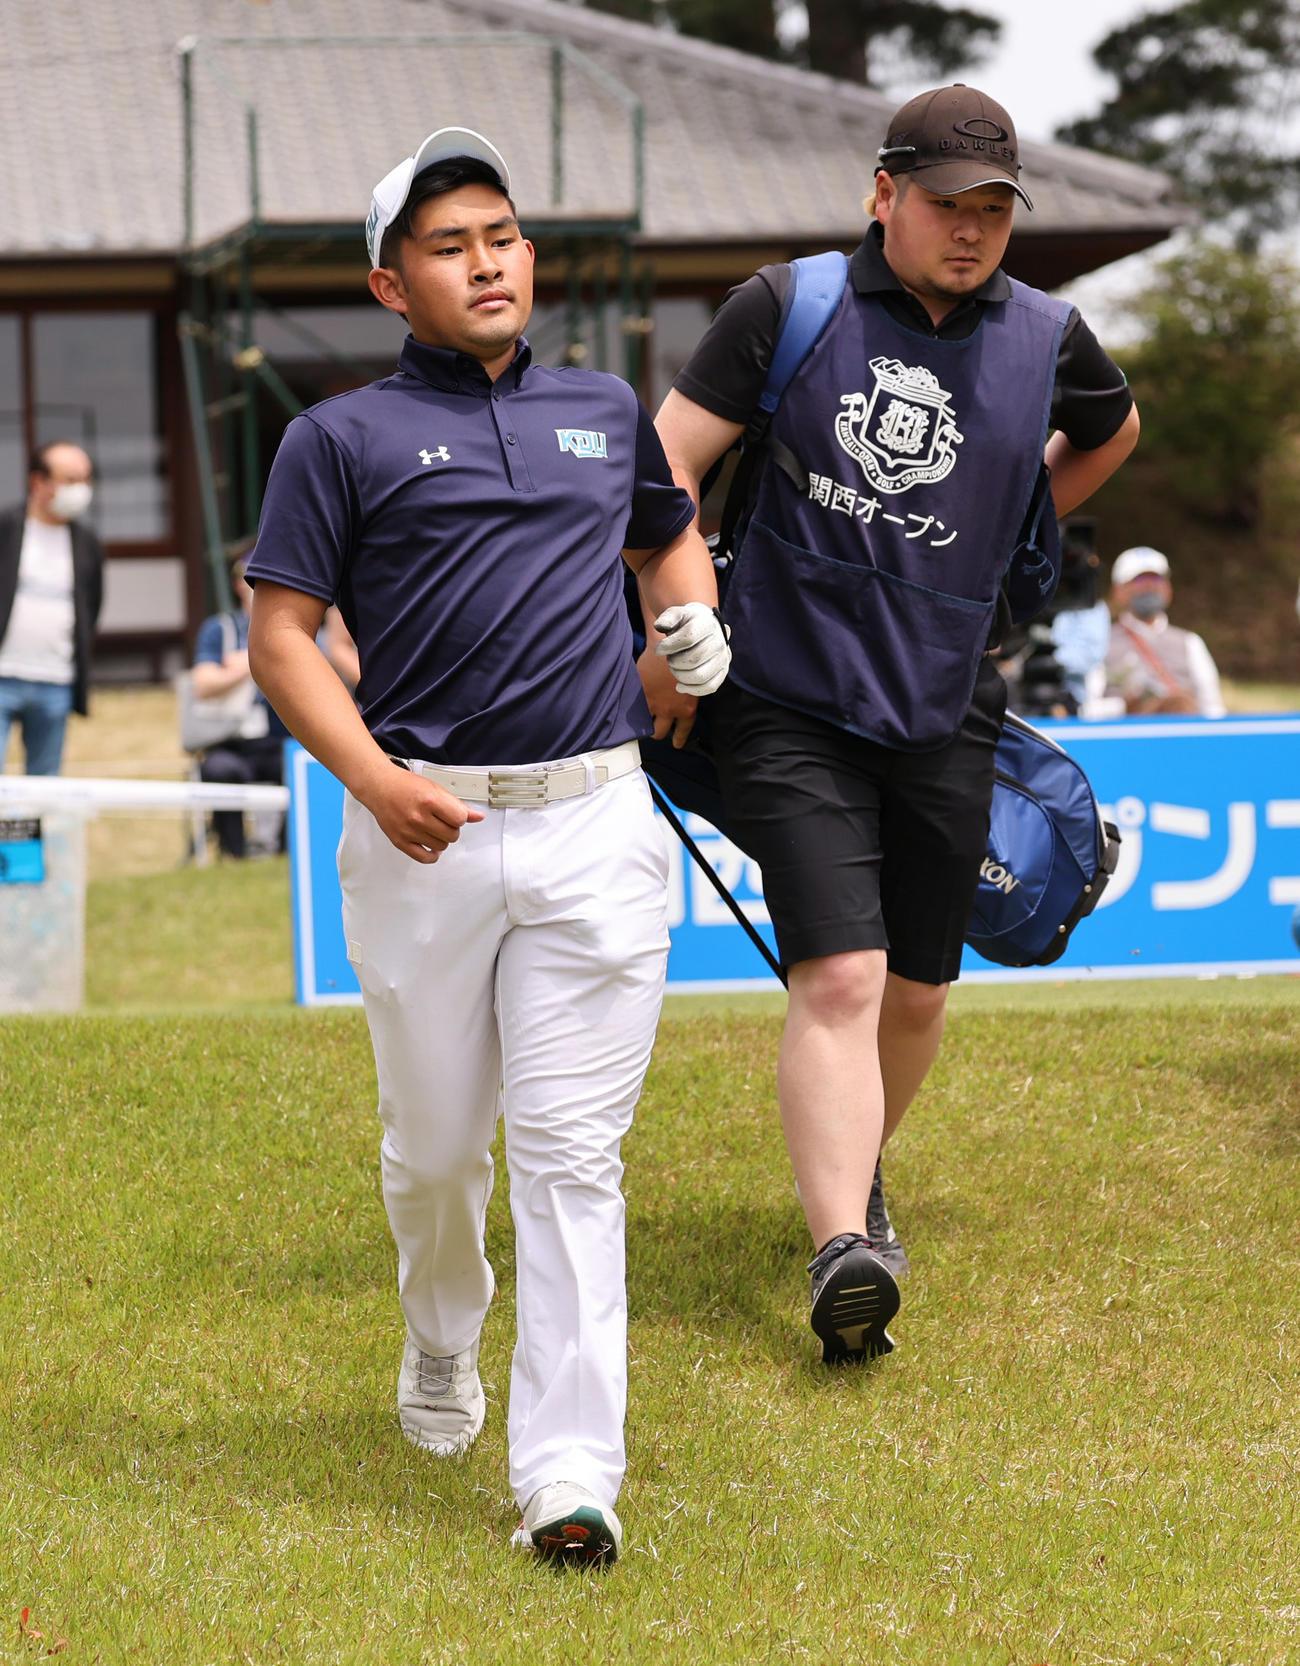 関西オープンゴルフ選手権第1日 1番、ティーショットを放つアマチュアの山下勝将(左)(撮影・清水貴仁)